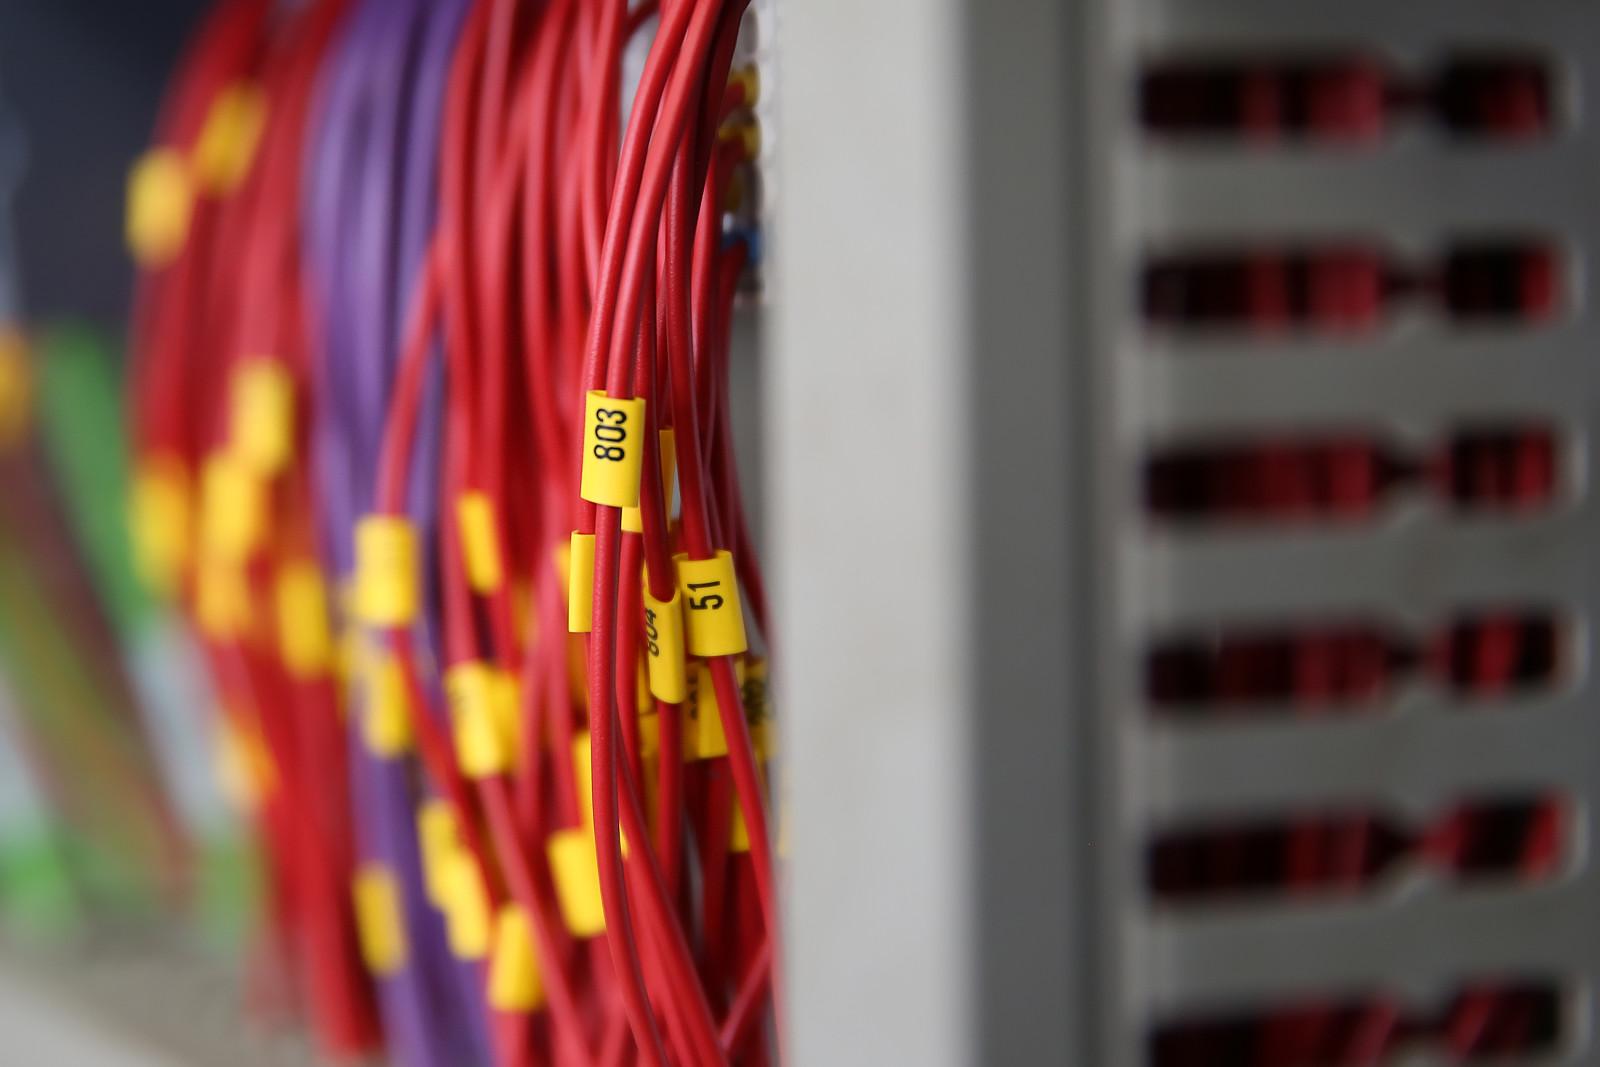 usługi serwisowe gwarancyjne i pogwarancyjne urządzeń produkcji Unidex oraz usługi serwisowe urządzeń innych producentów